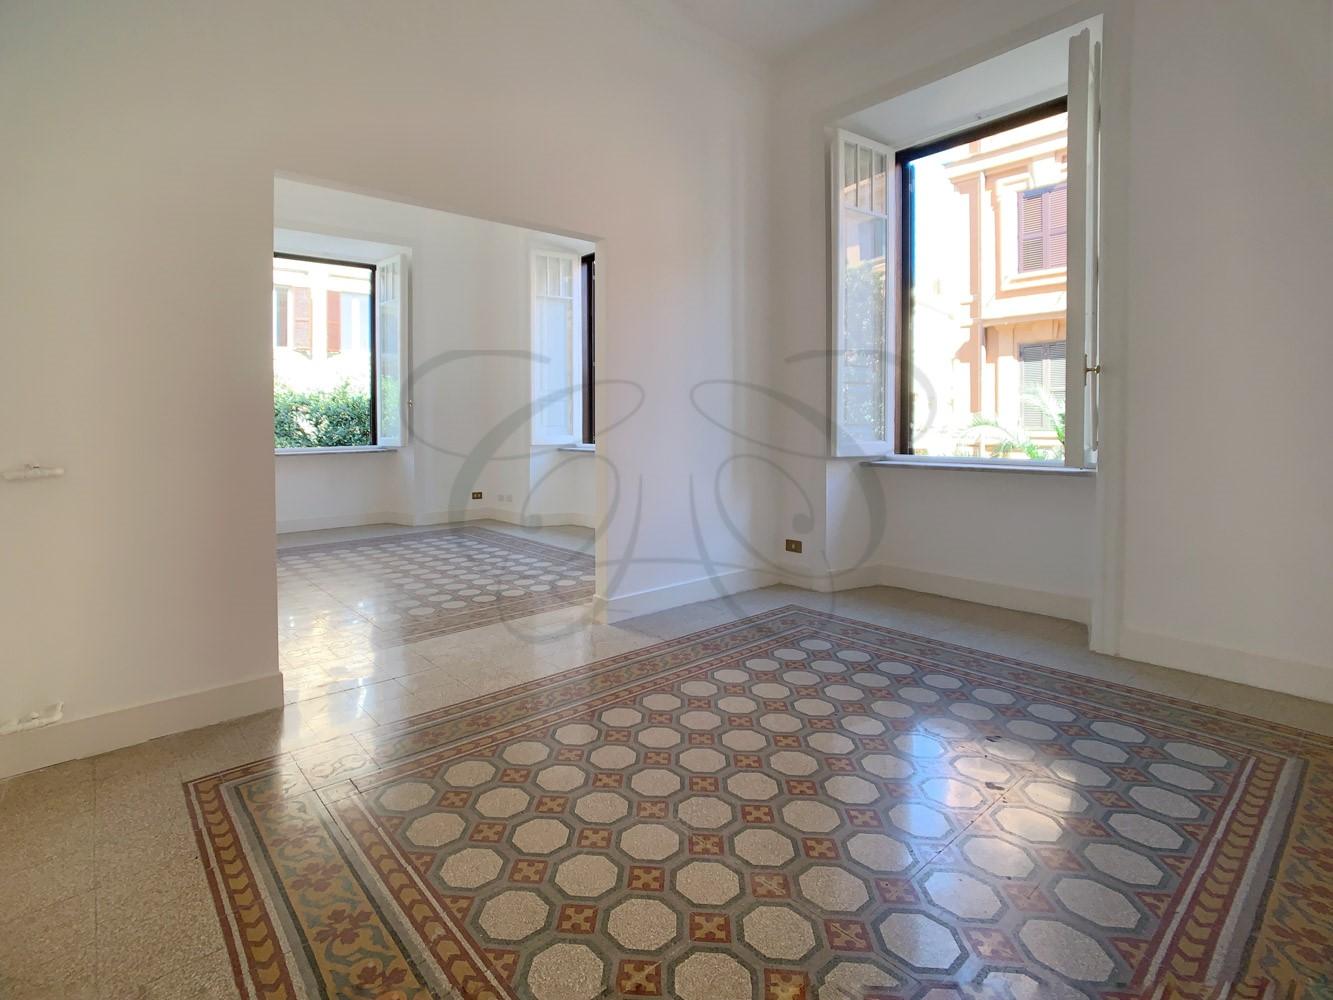 Appartamento in affitto Parioli Pinciano Roma: 175 mq vicino a Villa Borghese